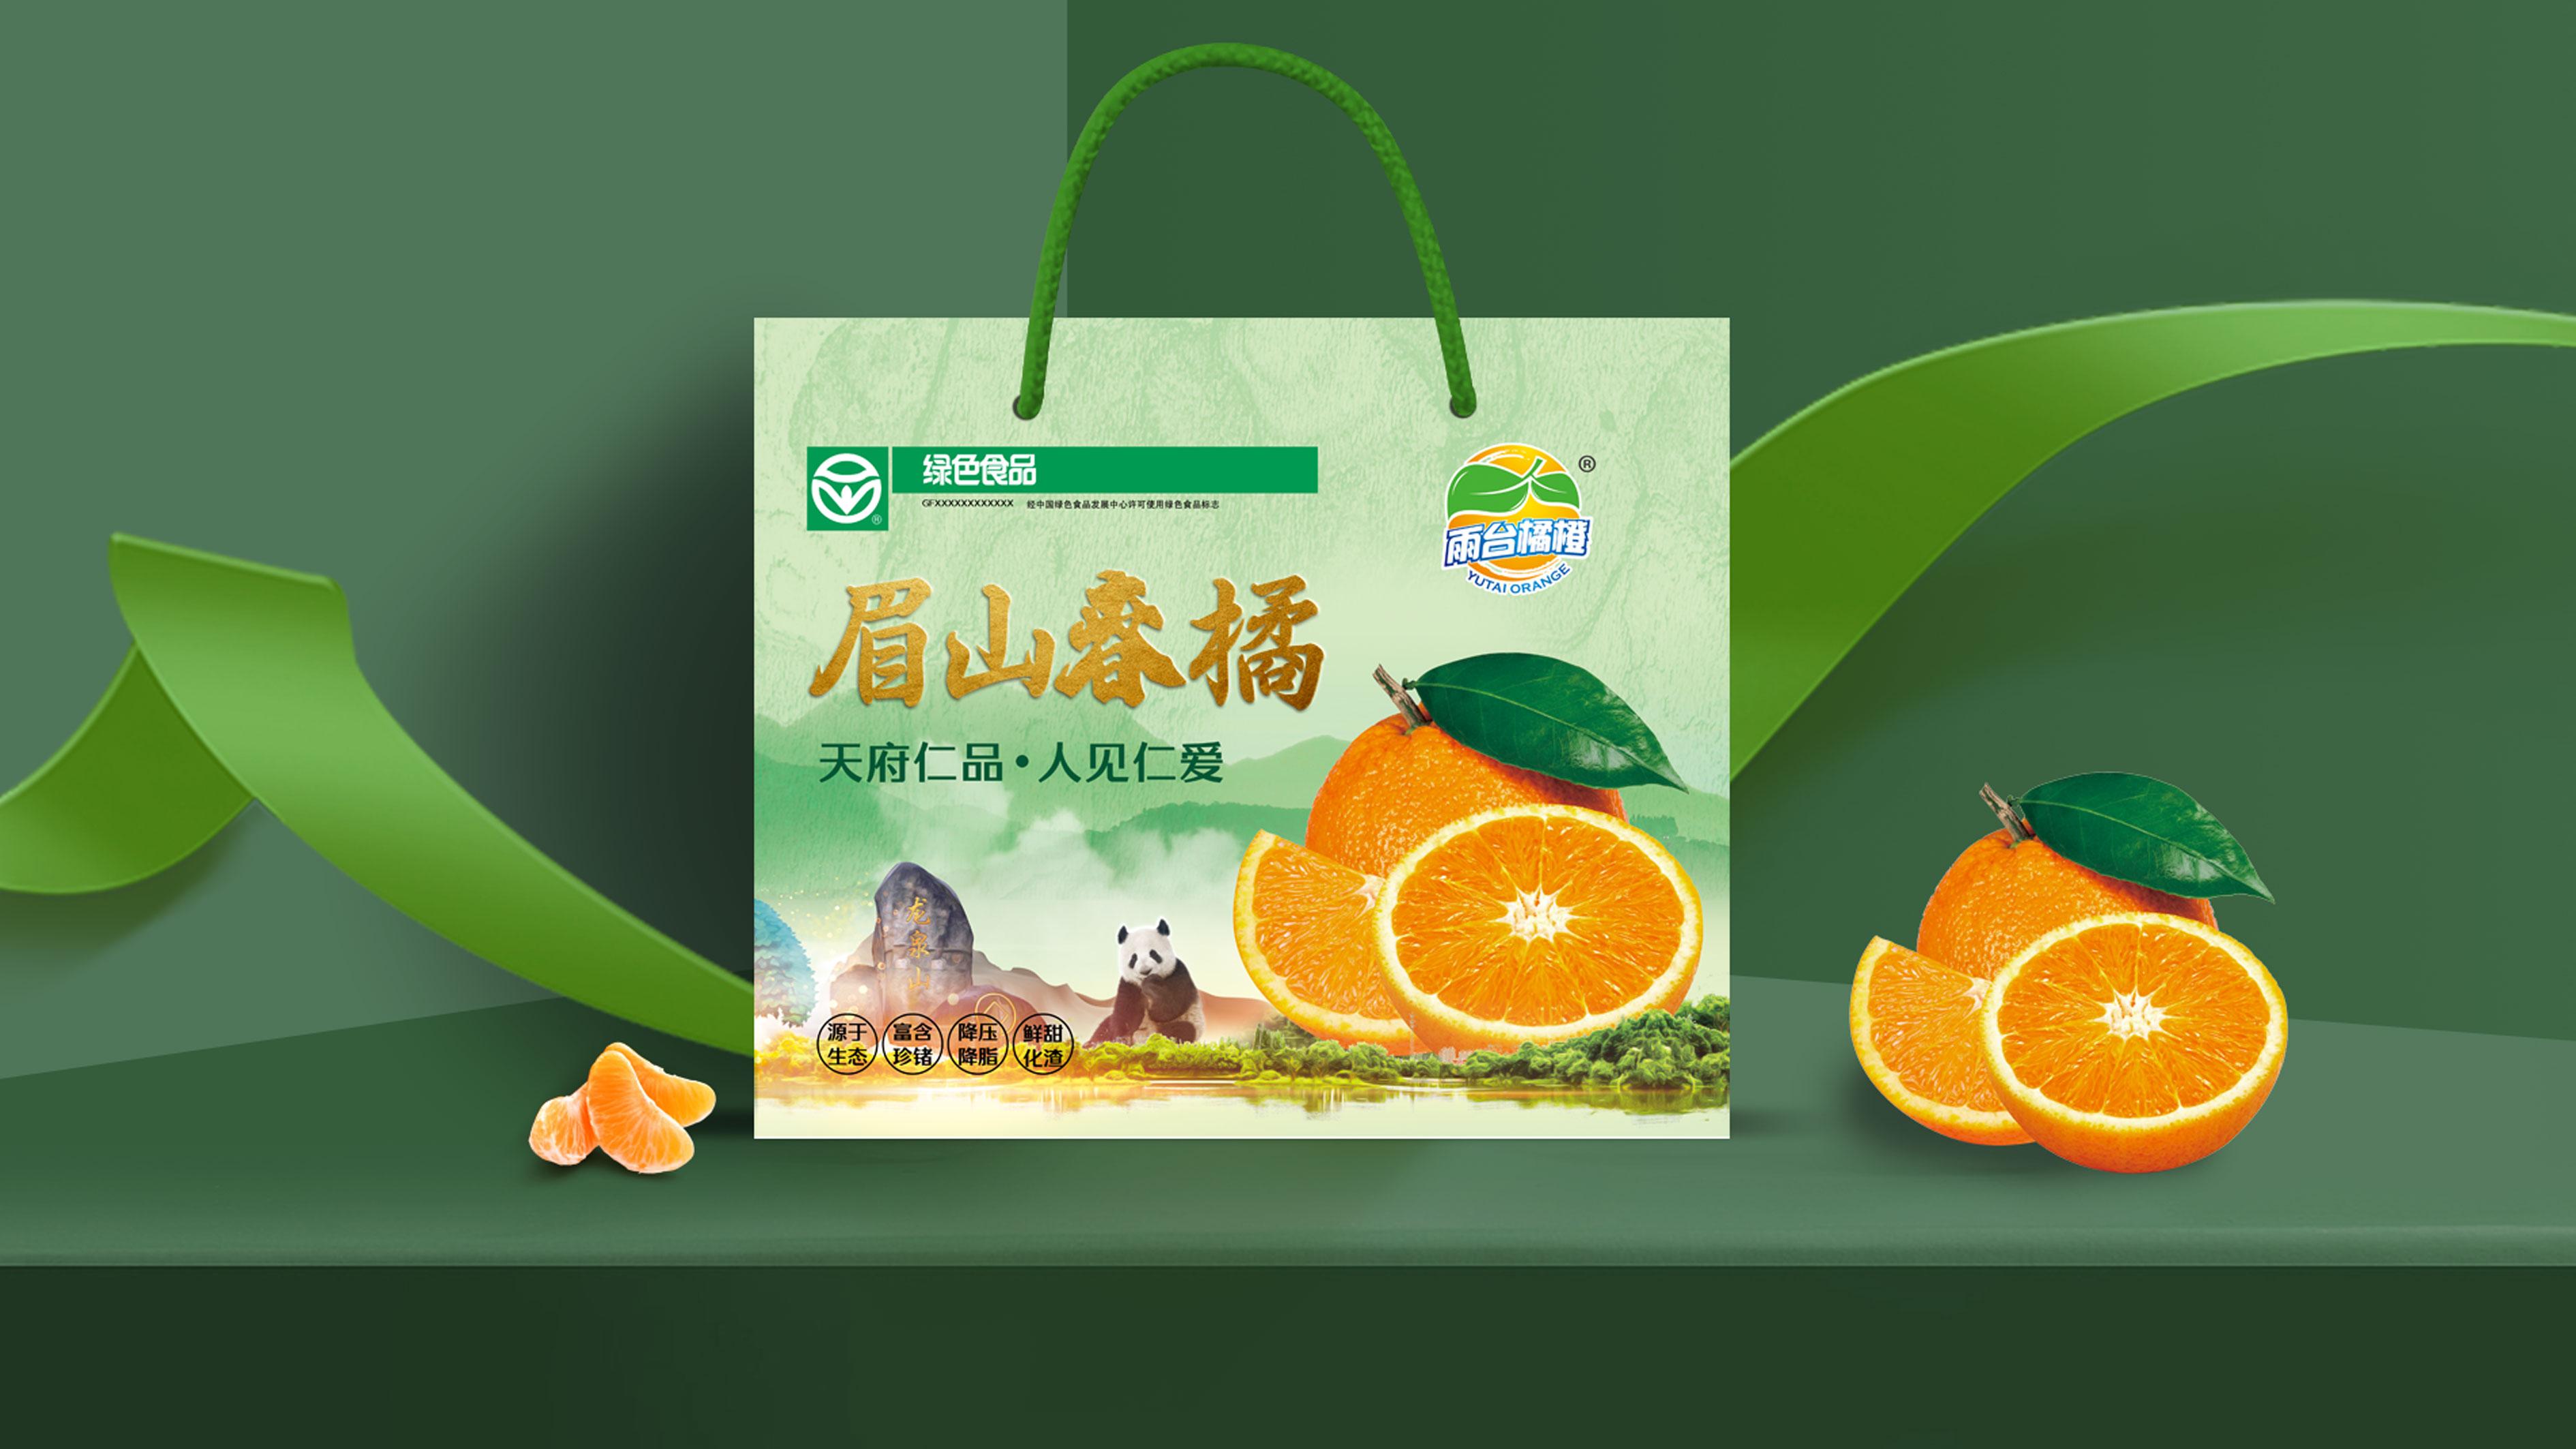 雨臺橘橙品牌包裝設計